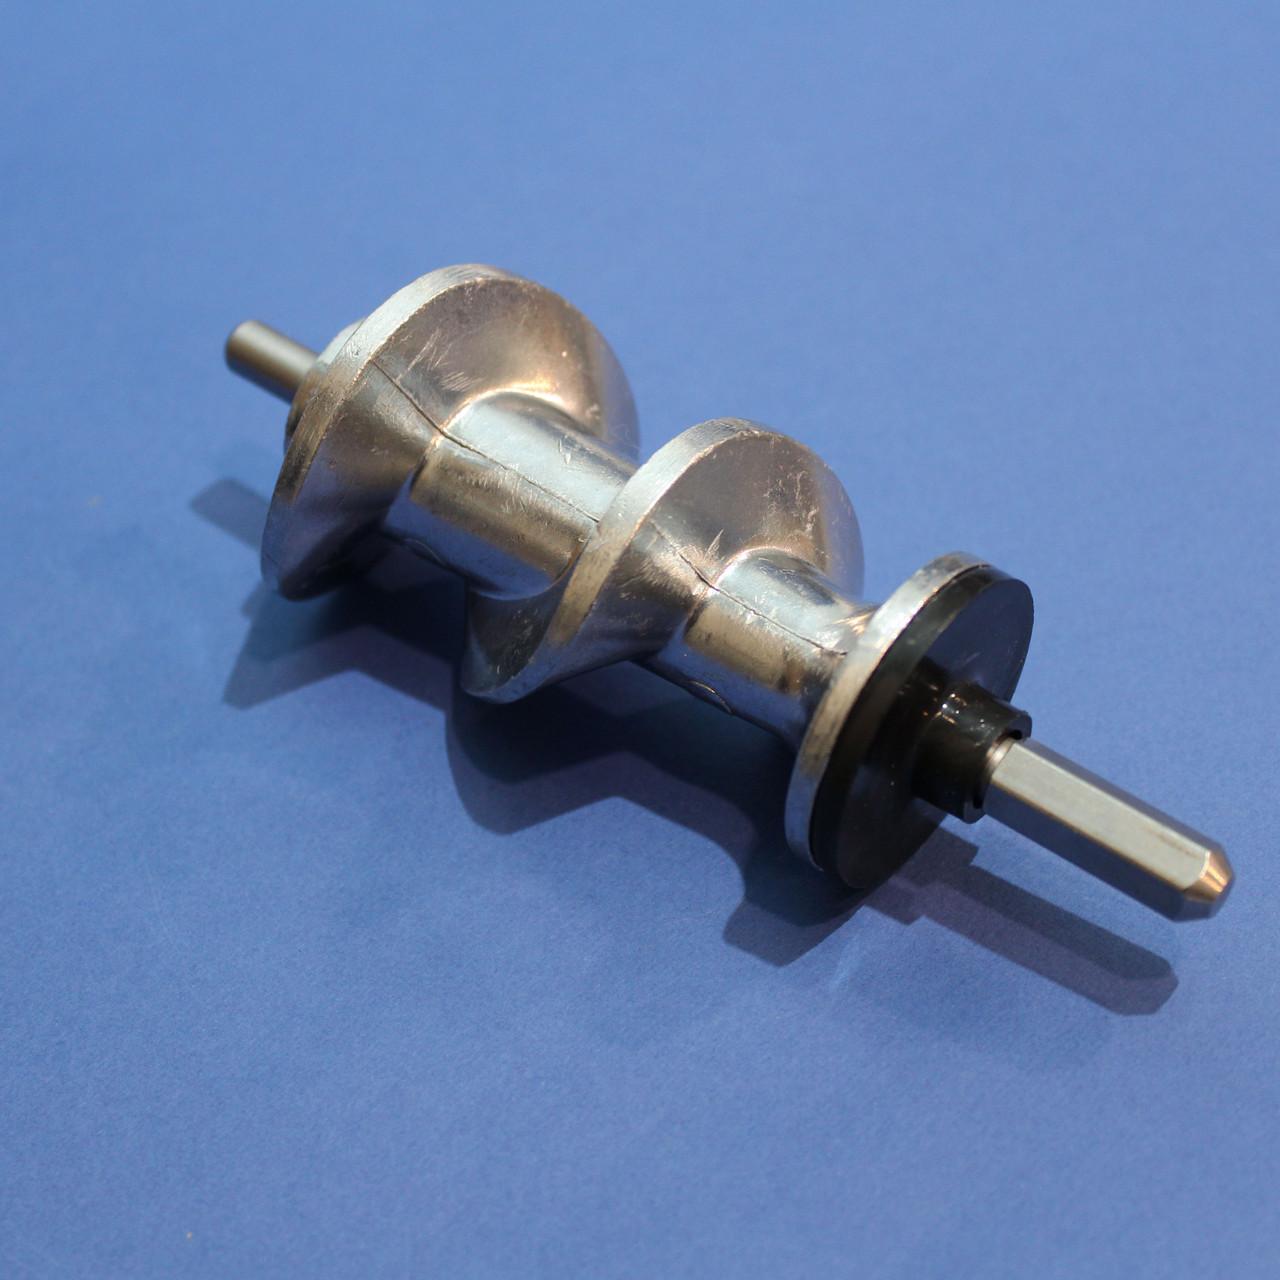 Шнек для мясорубки Moulinex SS-989487 с уплотнительным кольцом